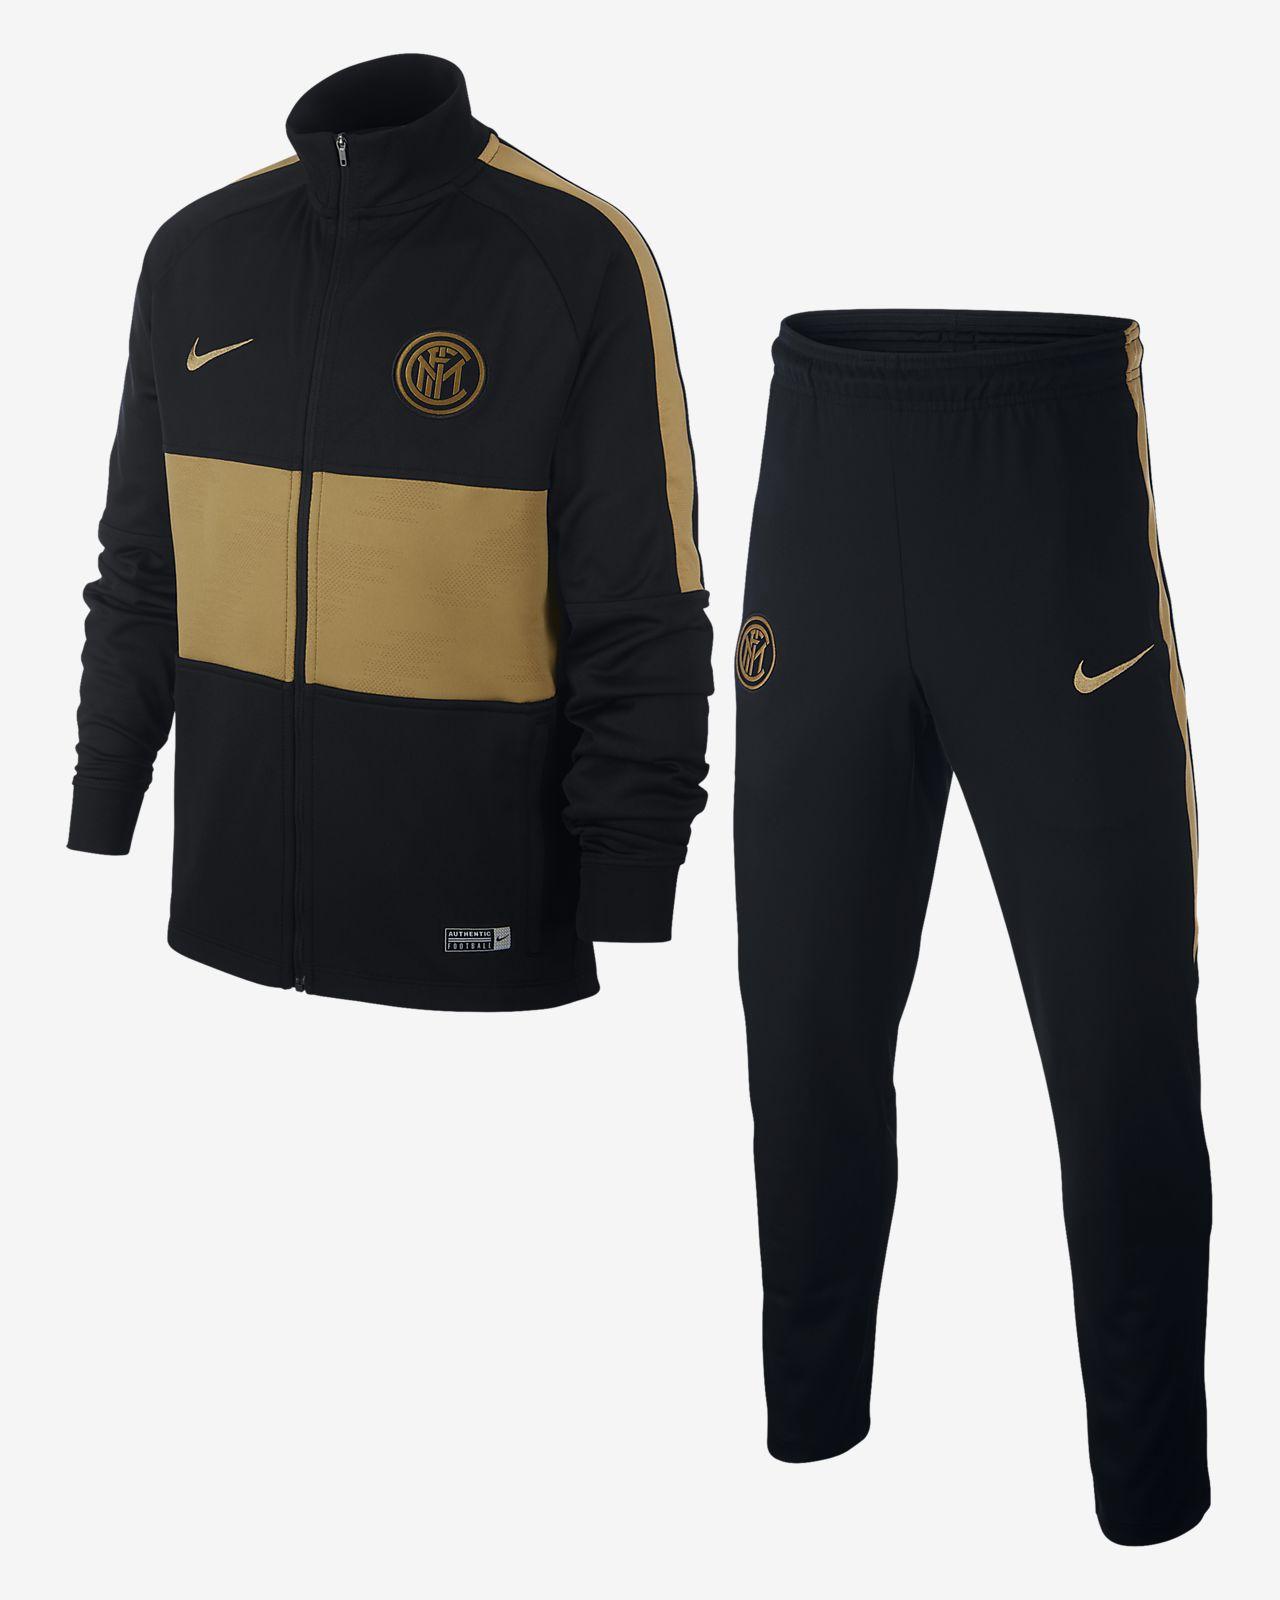 Nike Dri-FIT Inter Milan Strike Voetbaltrainingspak voor kids